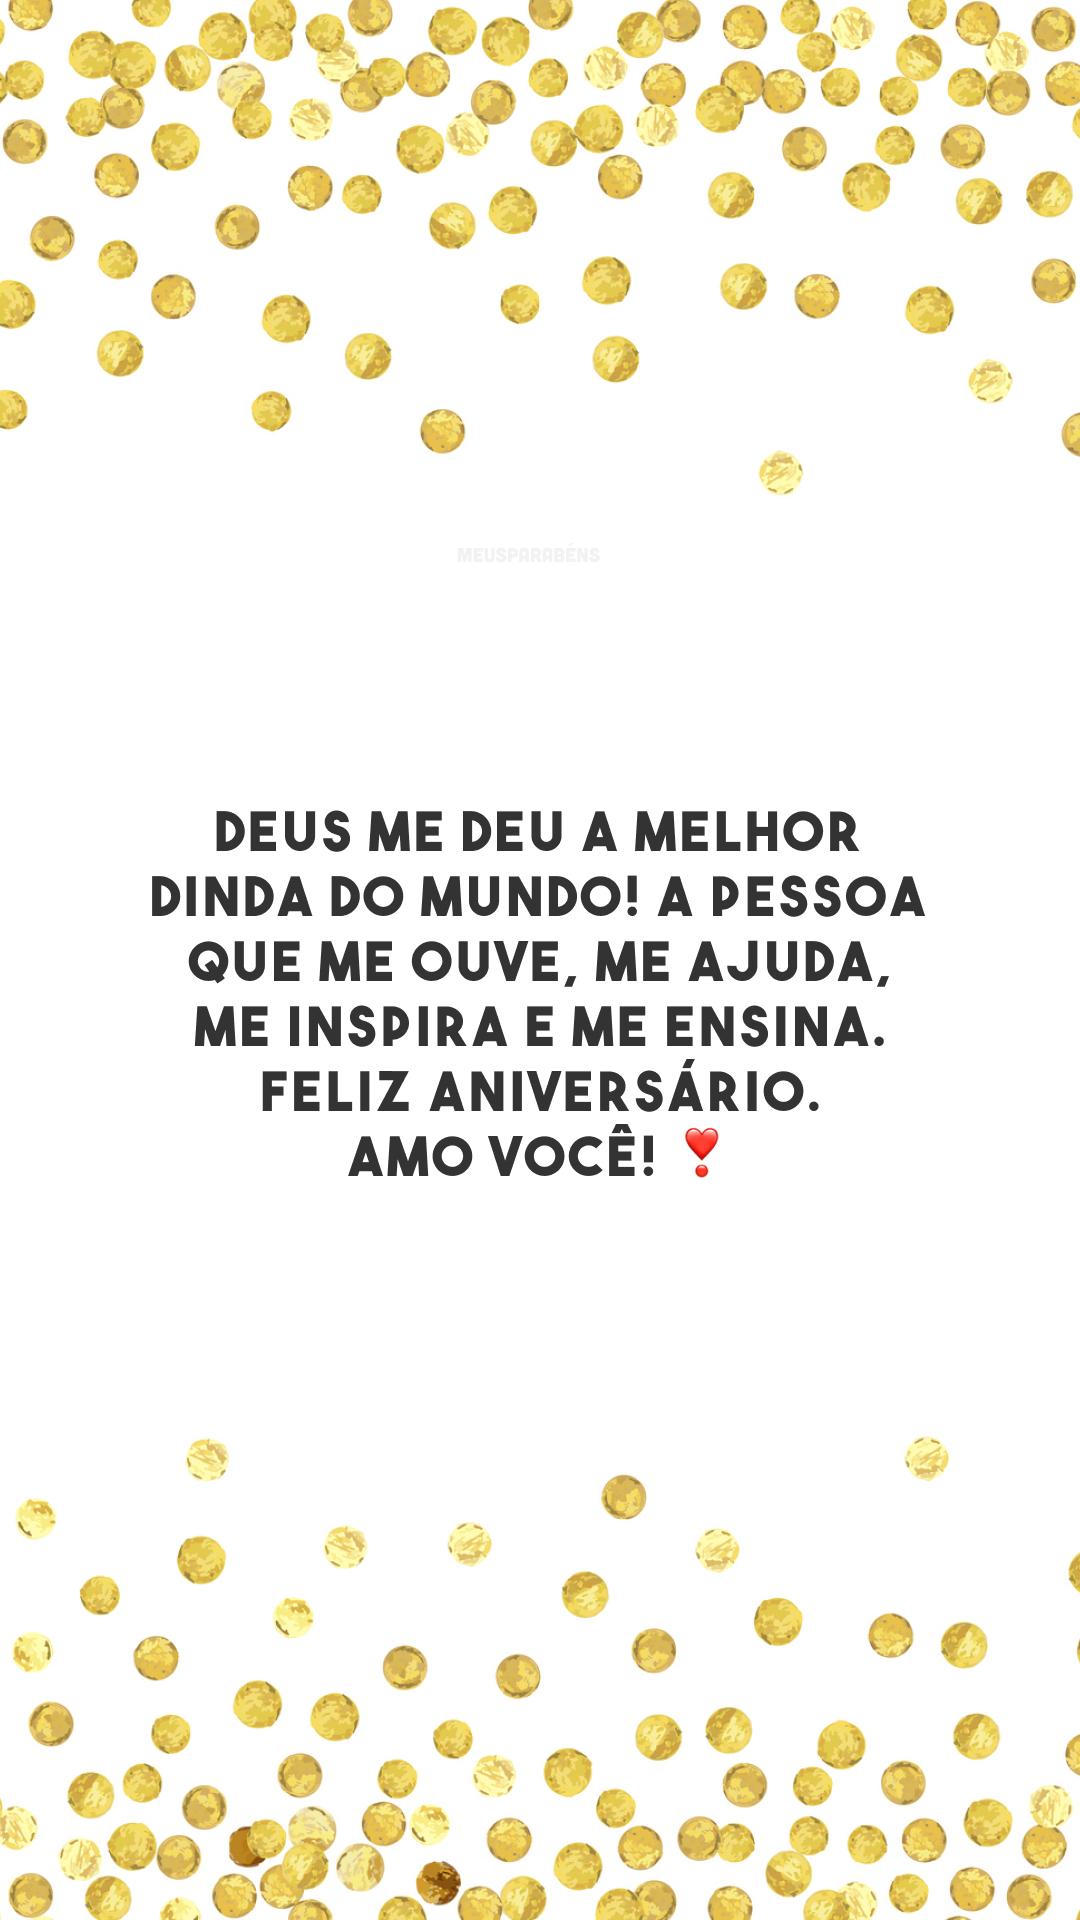 Deus me deu a melhor dinda do mundo! A pessoa que me ouve, me ajuda, me inspira e me ensina. Feliz aniversário. Amo você! ❣️